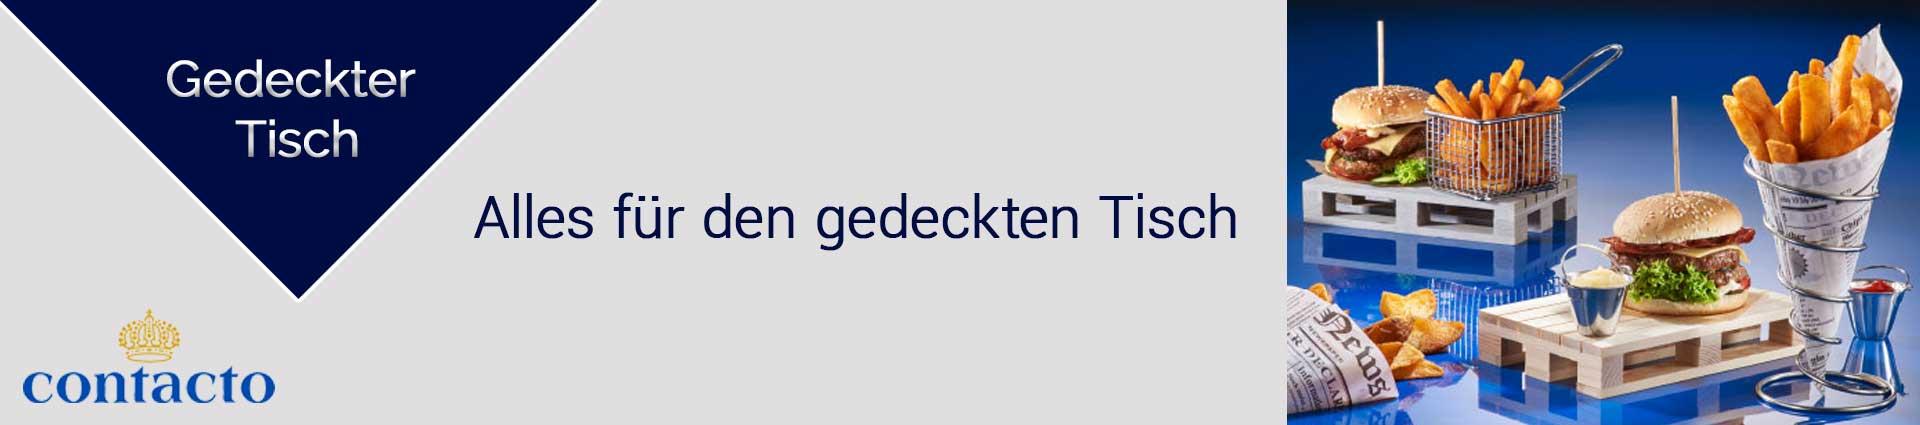 Contacto Gedeckter Tisch Banner